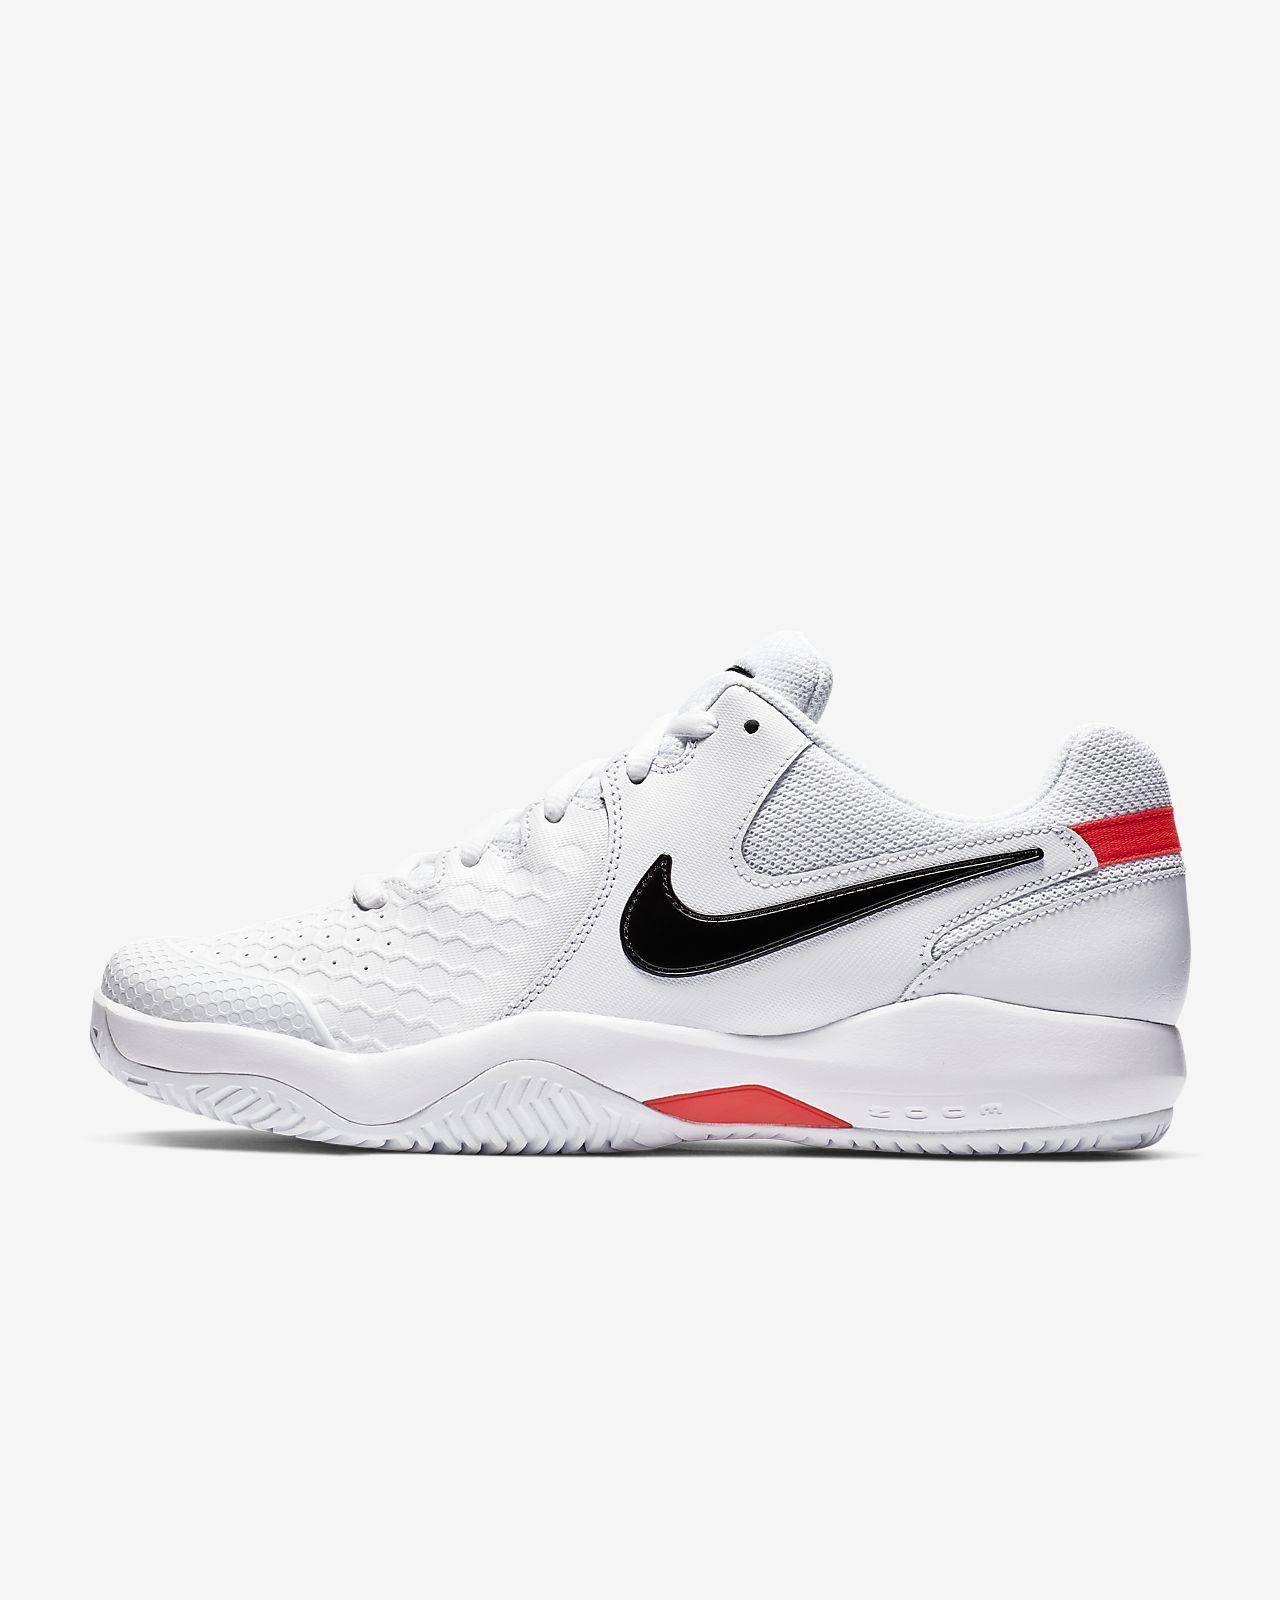 3ef048516 ... Calzado de tenis en cancha dura para hombre NikeCourt Air Zoom  Resistance